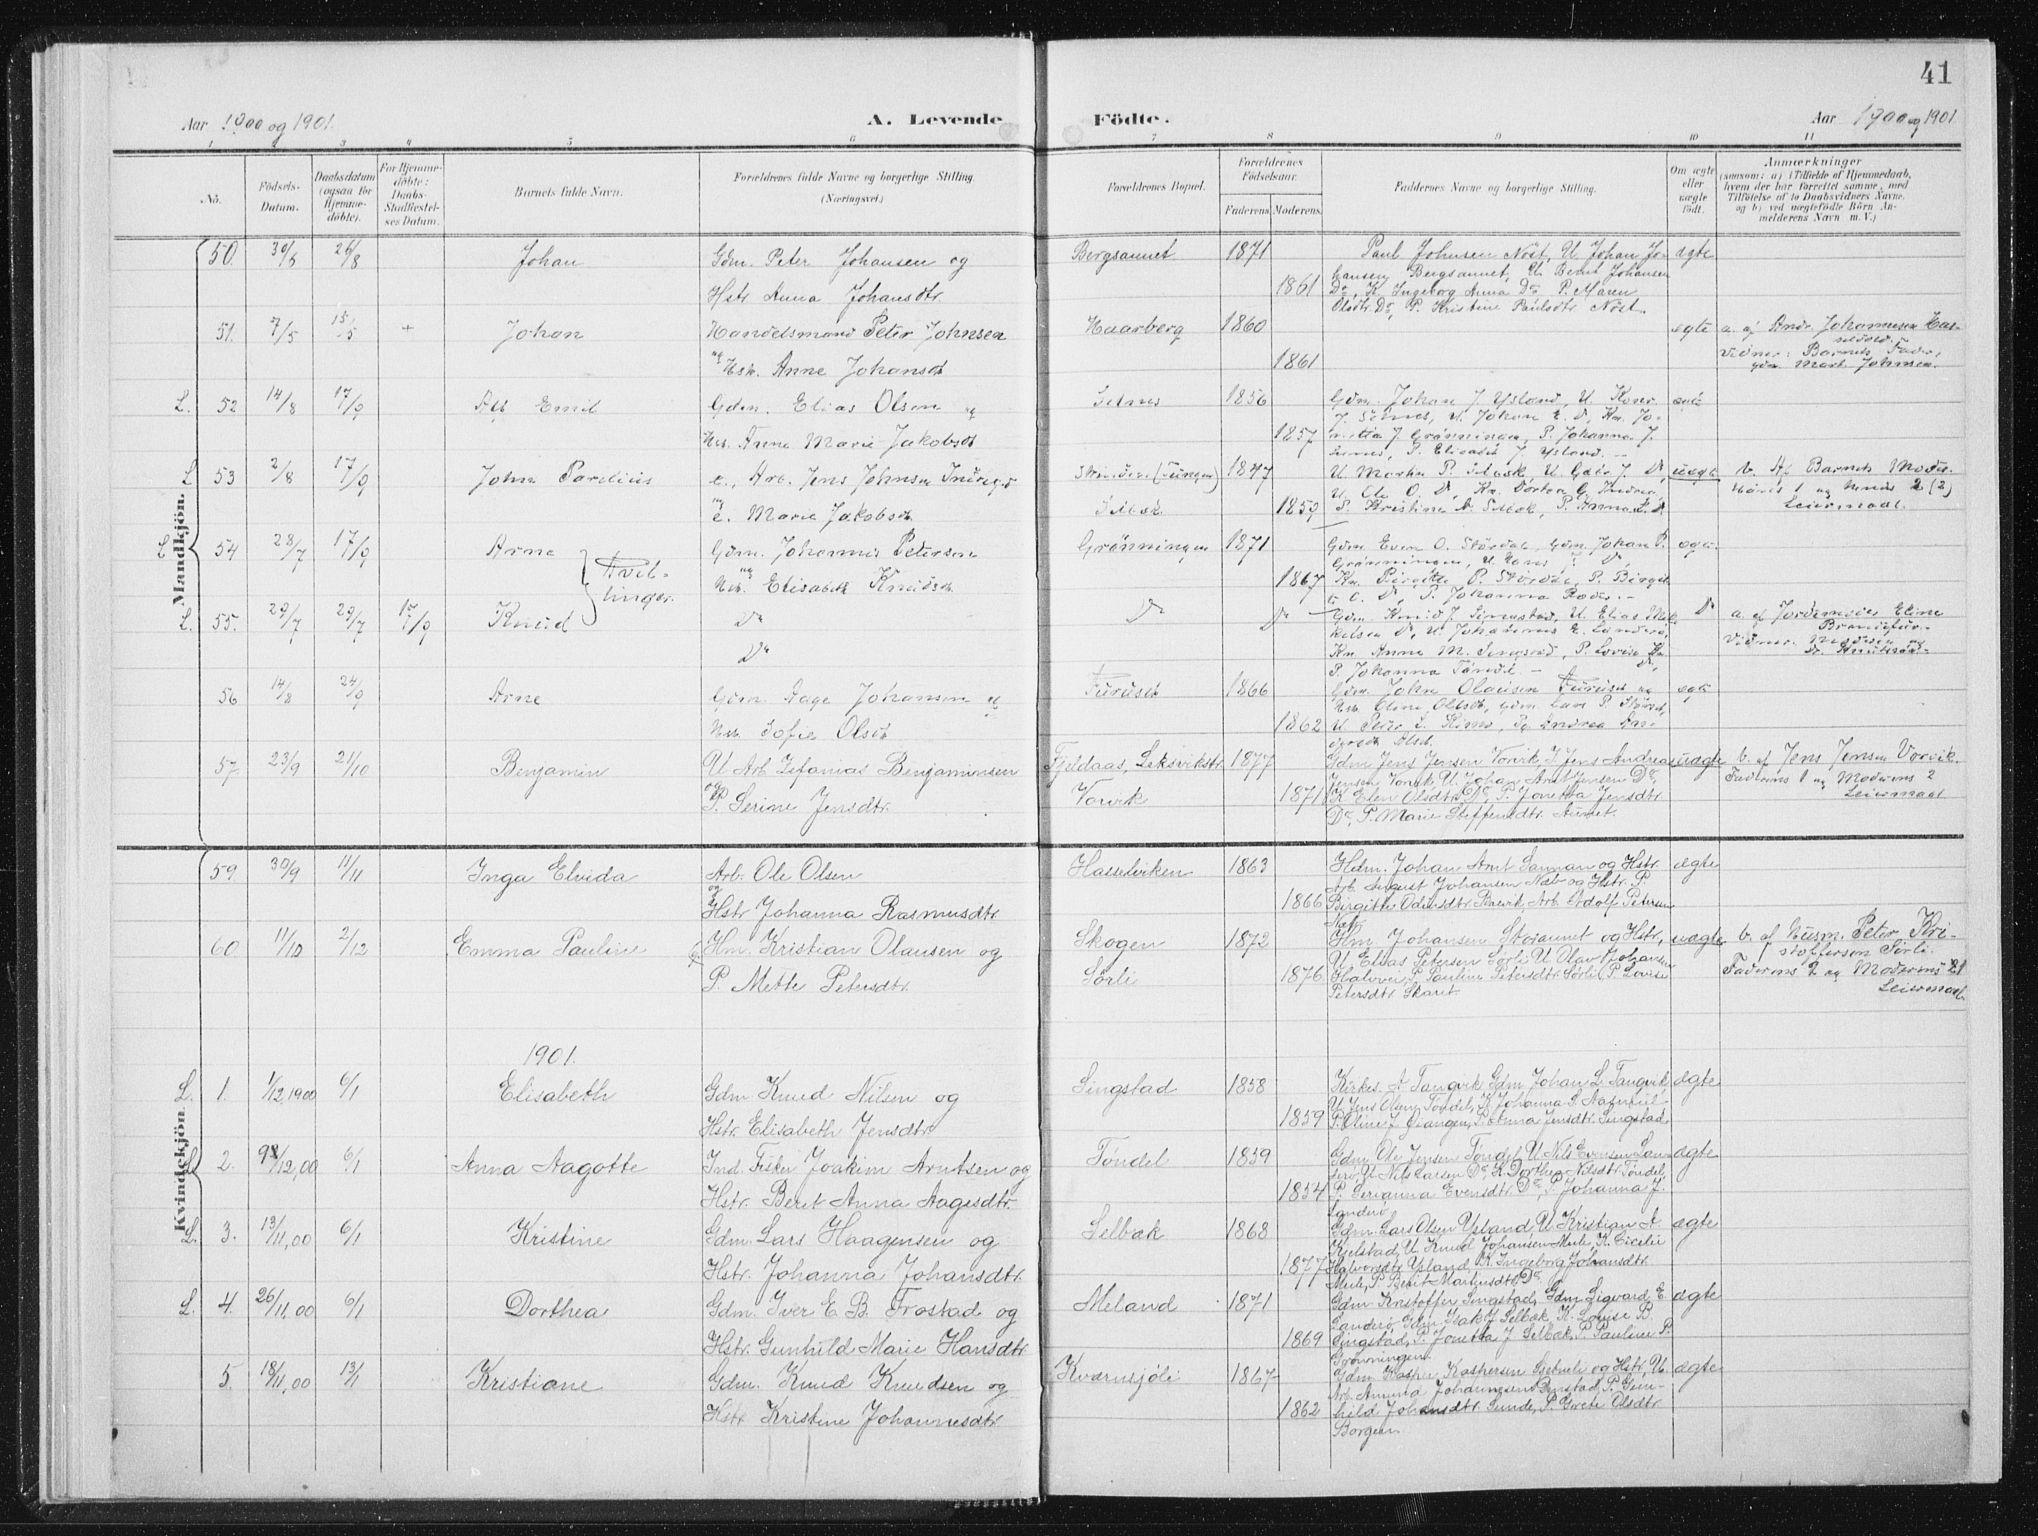 SAT, Ministerialprotokoller, klokkerbøker og fødselsregistre - Sør-Trøndelag, 647/L0635: Ministerialbok nr. 647A02, 1896-1911, s. 41